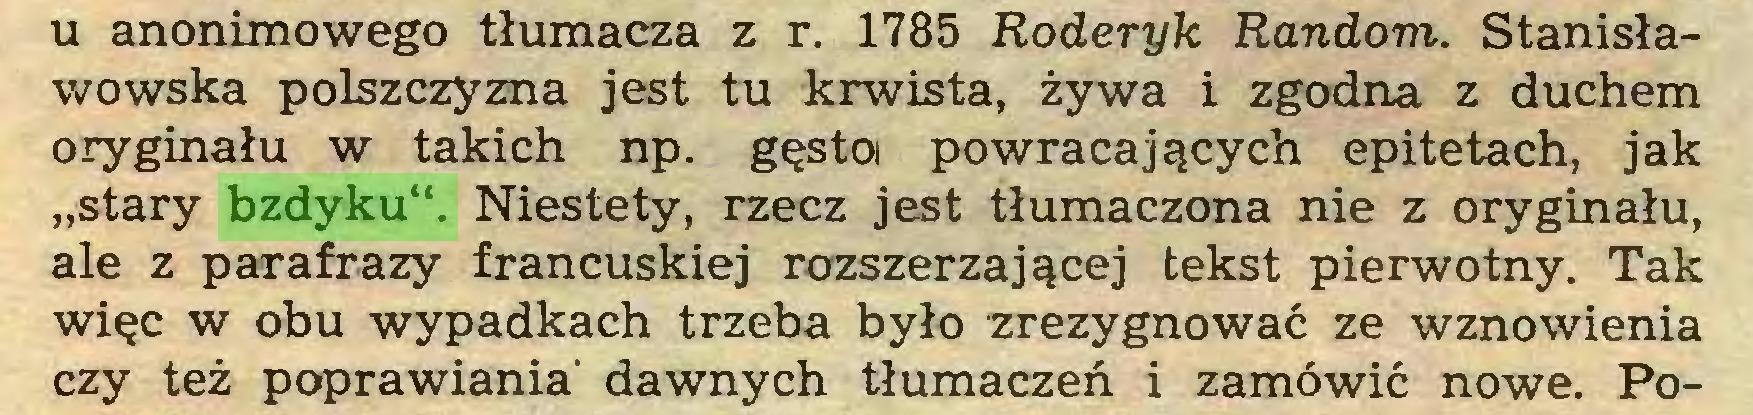 """(...) u anonimowego tłumacza z r. 1785 Roderyk Random. Stanisławowska polszczyzna jest tu krwista, żywa i zgodna z duchem oryginału w takich np. gęstoi powracających epitetach, jak """"stary bzdyku"""". Niestety, rzecz jest tłumaczona nie z oryginału, ale z parafrazy francuskiej rozszerzającej tekst pierwotny. Tak więc w obu wypadkach trzeba było zrezygnować ze wznowienia czy też poprawiania' dawnych tłumaczeń i zamówić nowe. Po..."""